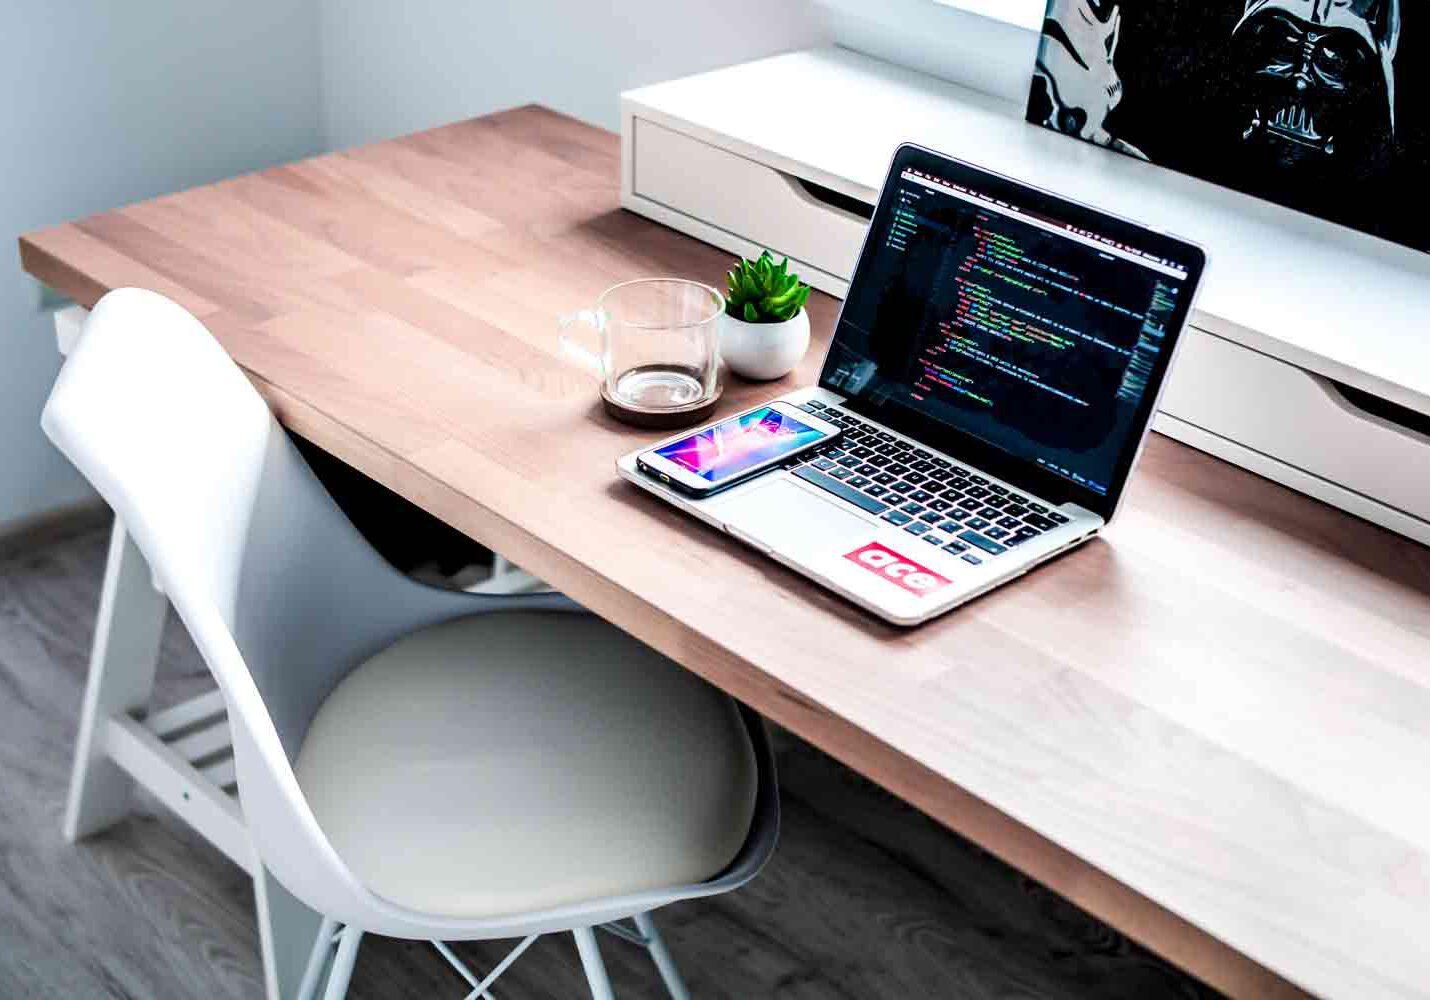 schreibtisch und arbeitsplatz mit laptop